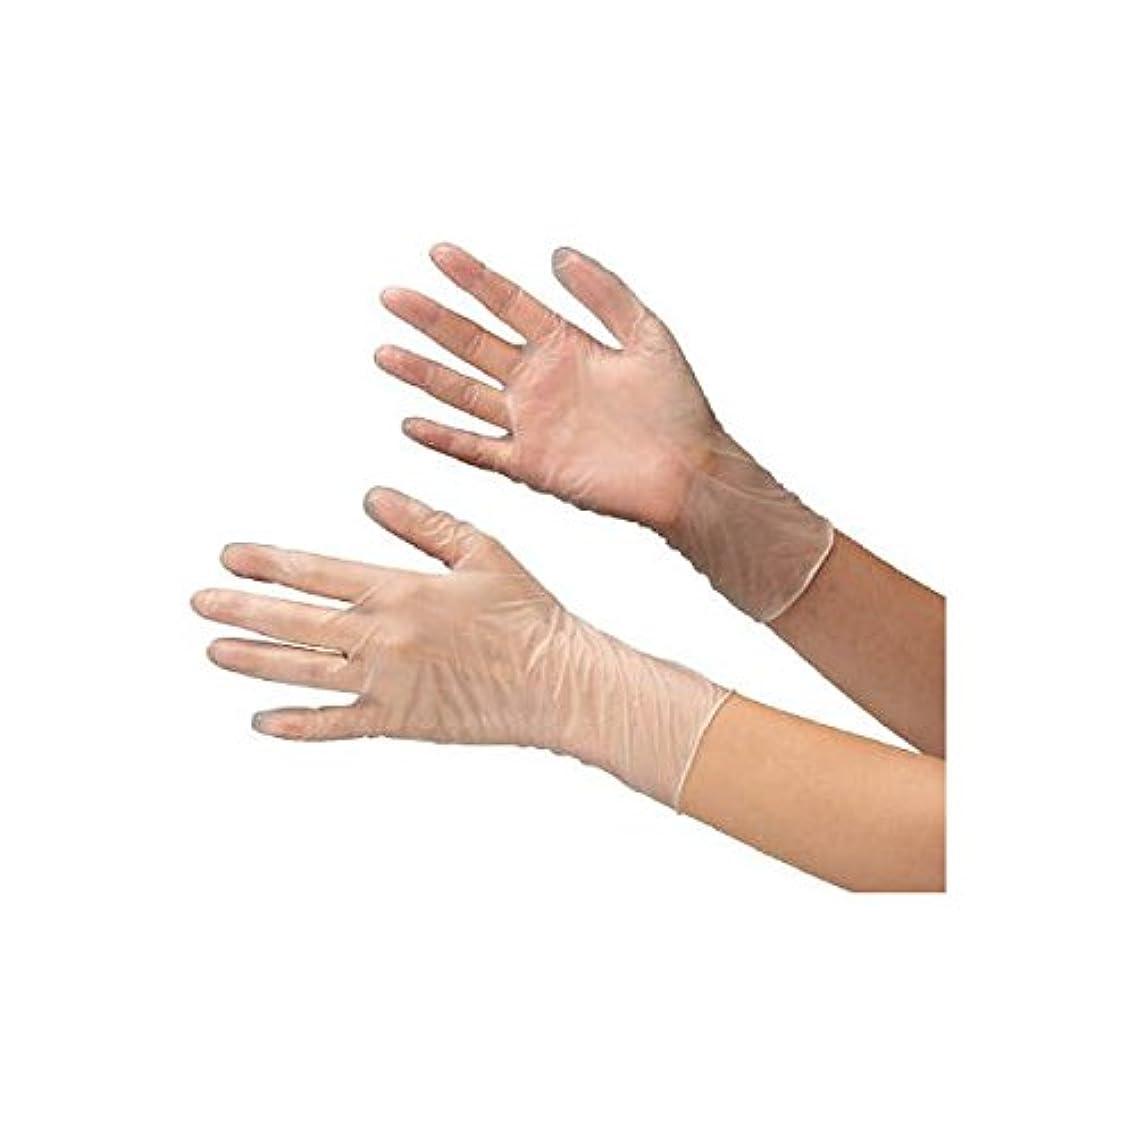 逆説憂鬱記録ミドリ安全/ミドリ安全 塩化ビニール製 使い捨て手袋 粉なし 100枚入 LL(3889319) VERTE-851-LL [その他]